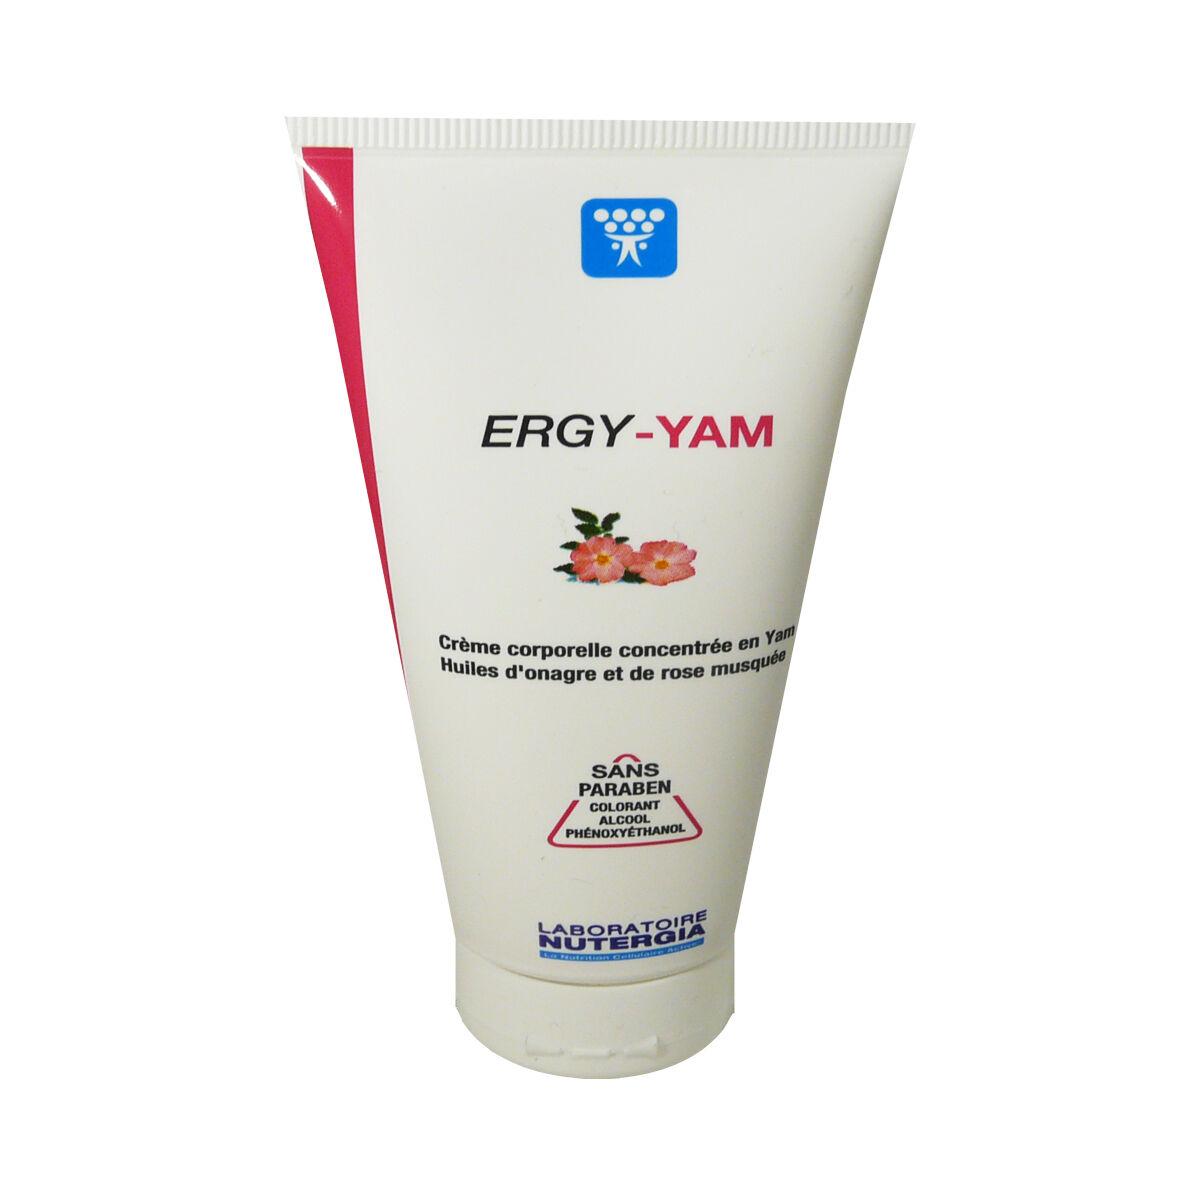 DIVERS Ergy-yam sans paraben creme huile d'onagre et de rose musquee 100 ml